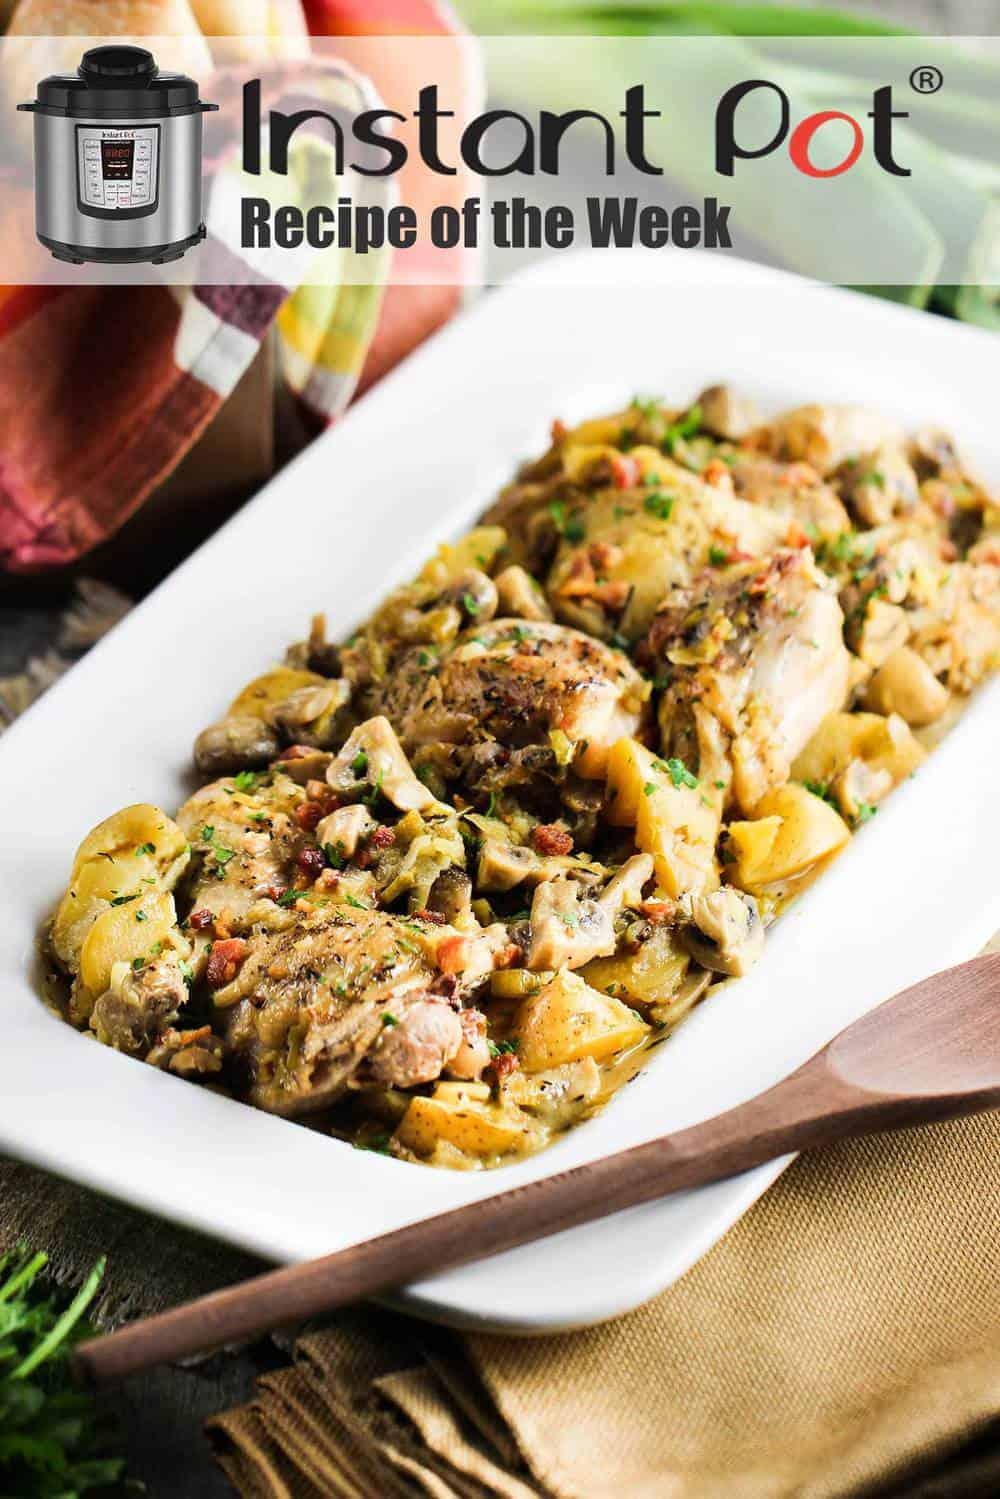 Instant Pot Chicken Provencal recipe